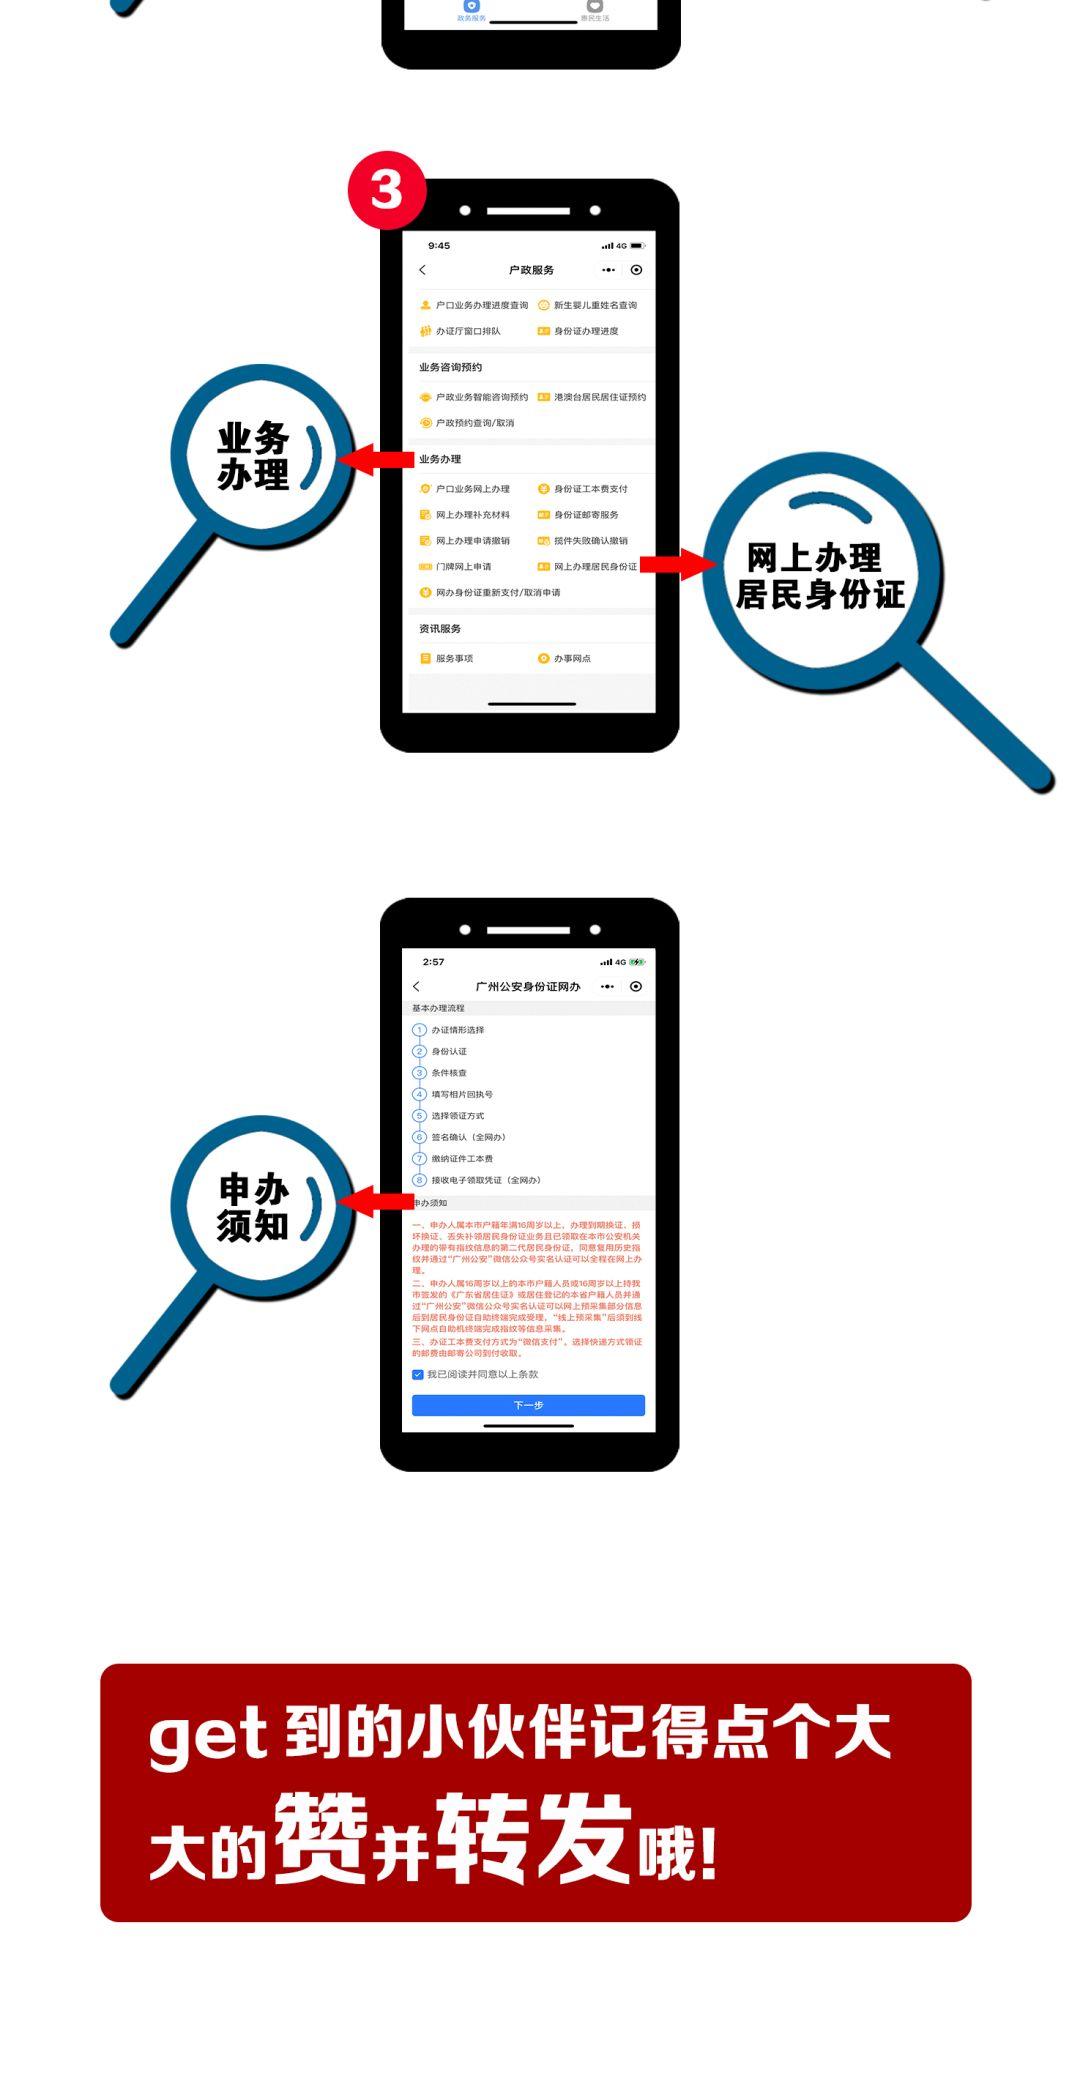 网上自助办理身份证(身份证网上办理流程)